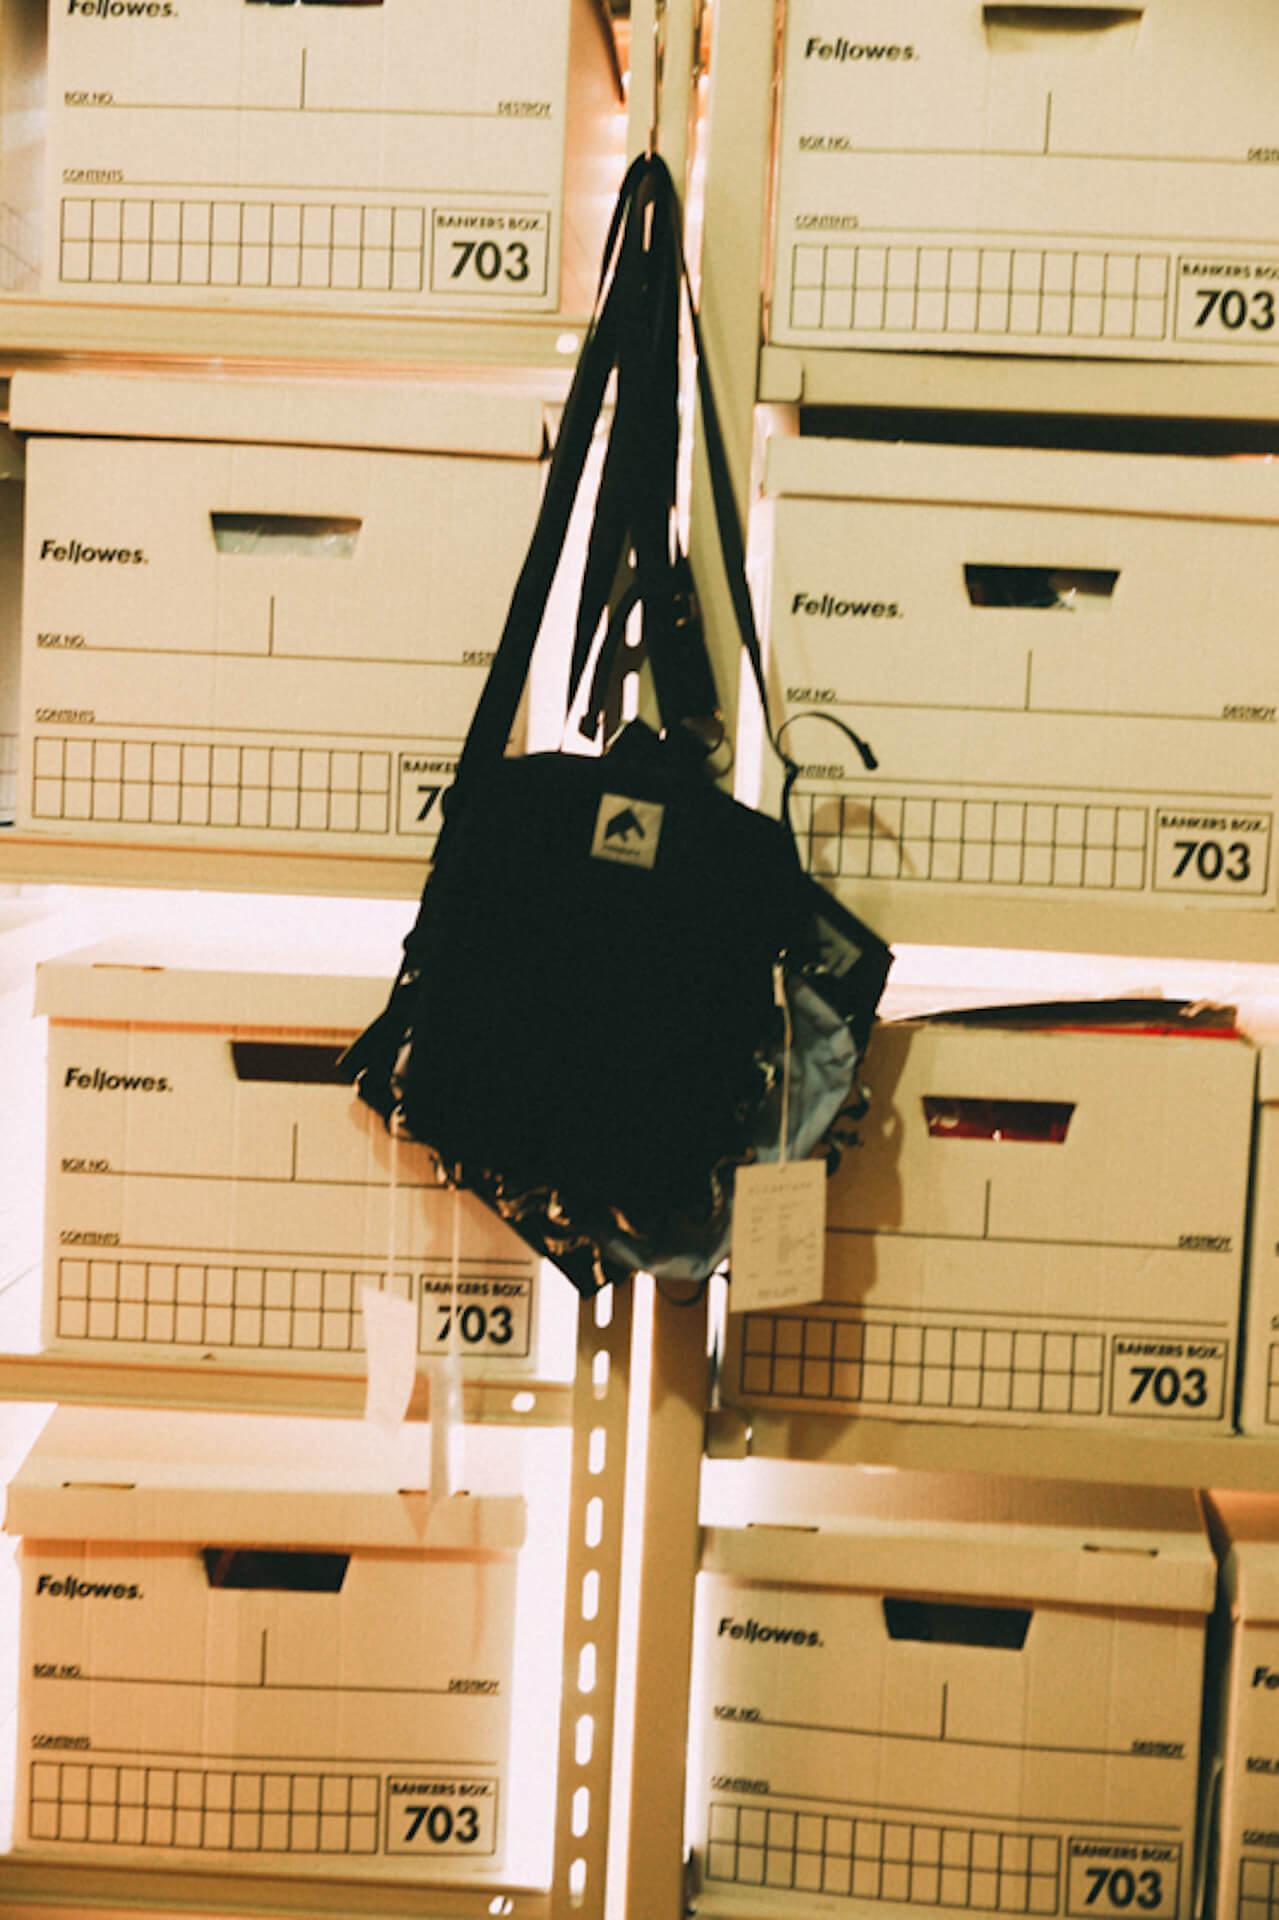 コウキシン女子の初体験vol.13老月ミカ:O 代官山 / NEW NEW YORK CLUB pickup190228_koukishinjyoshi_10